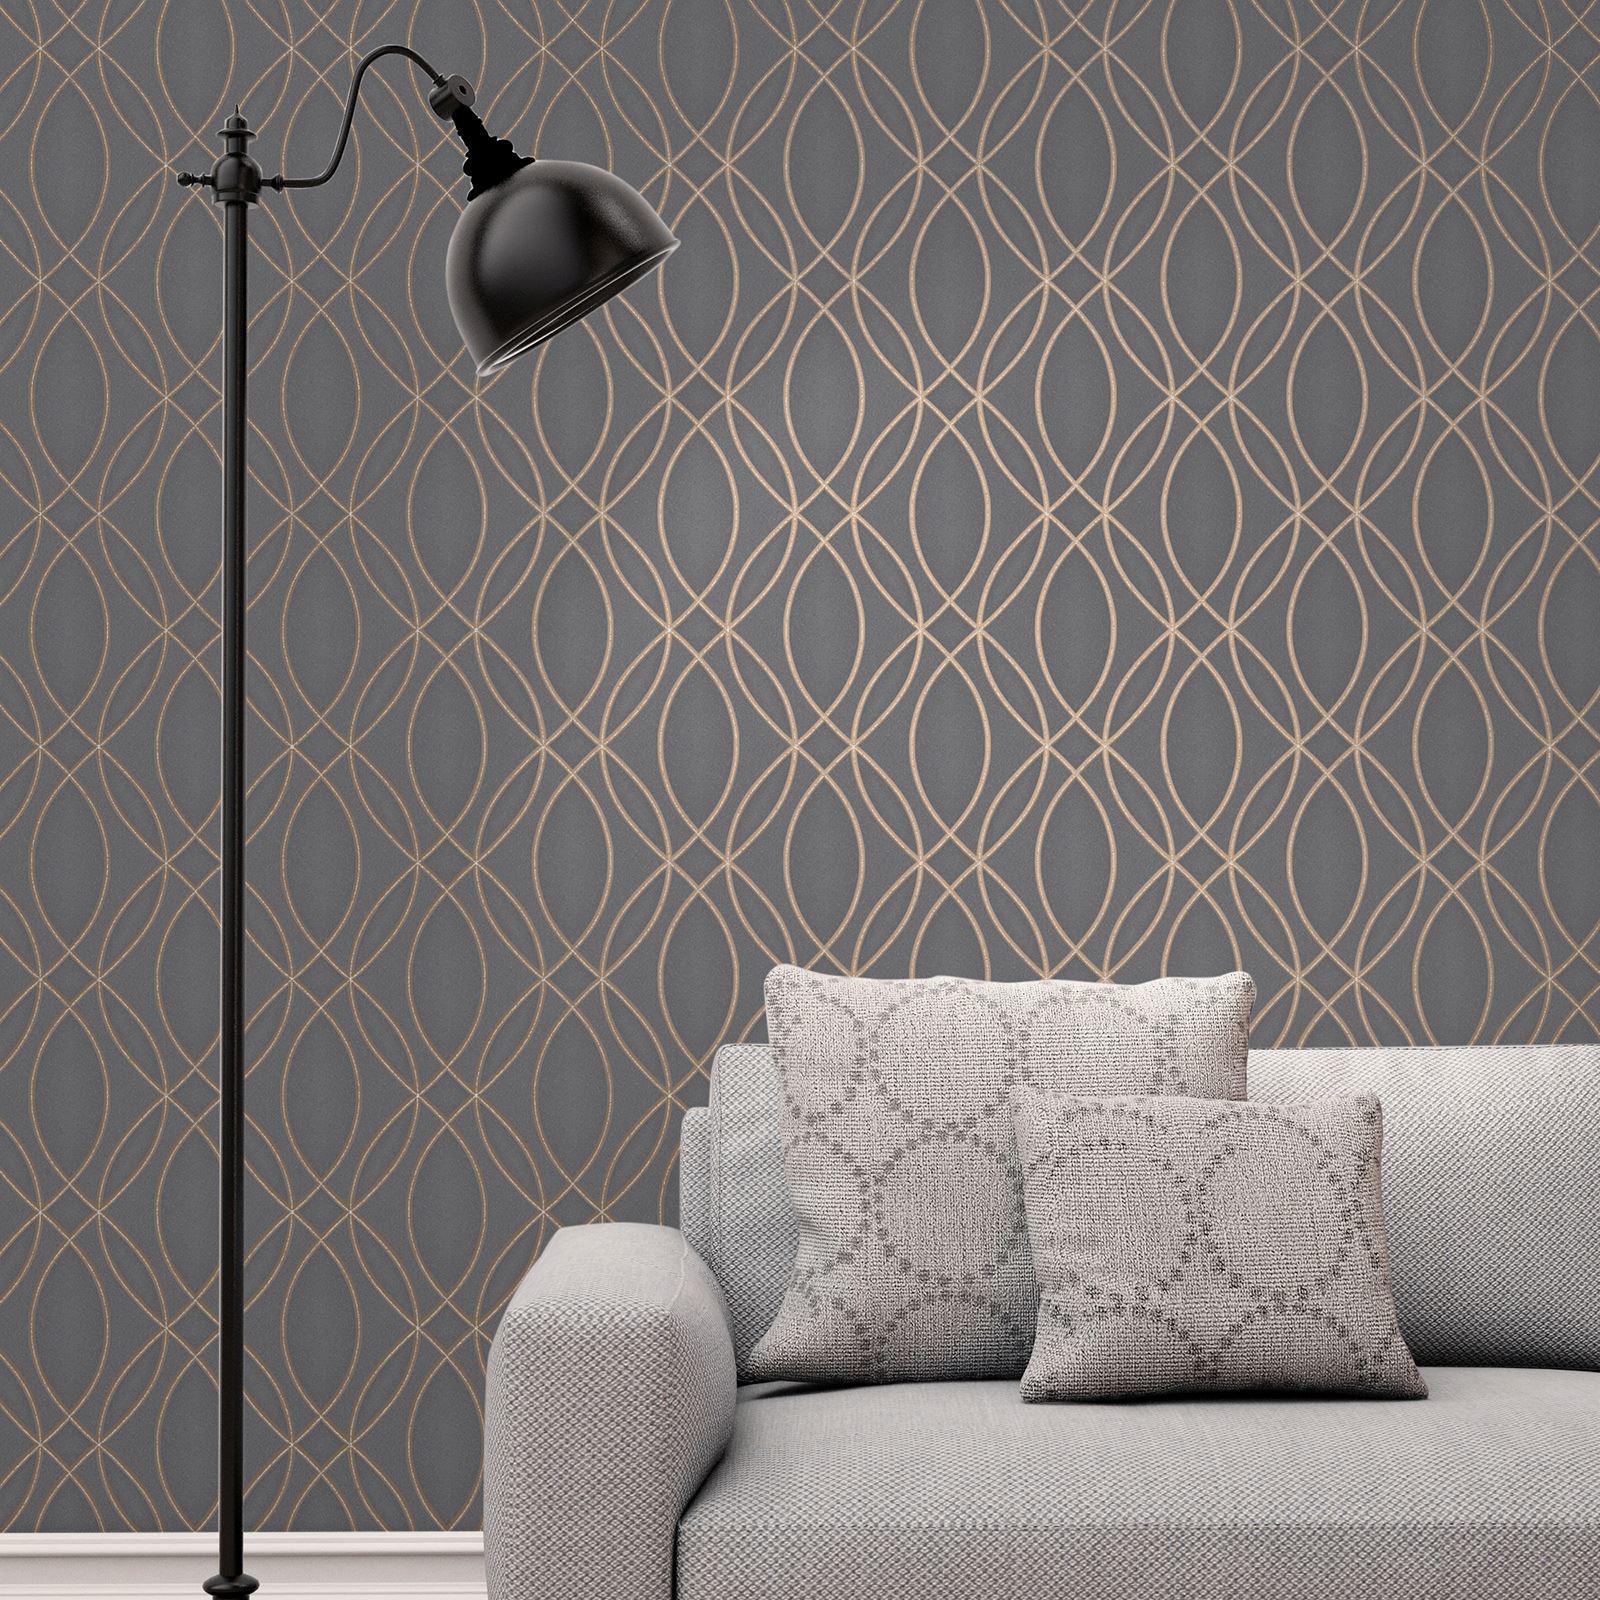 geometrische welle tapete metallic glitzer rotgold silbergrau schwarz ebay. Black Bedroom Furniture Sets. Home Design Ideas